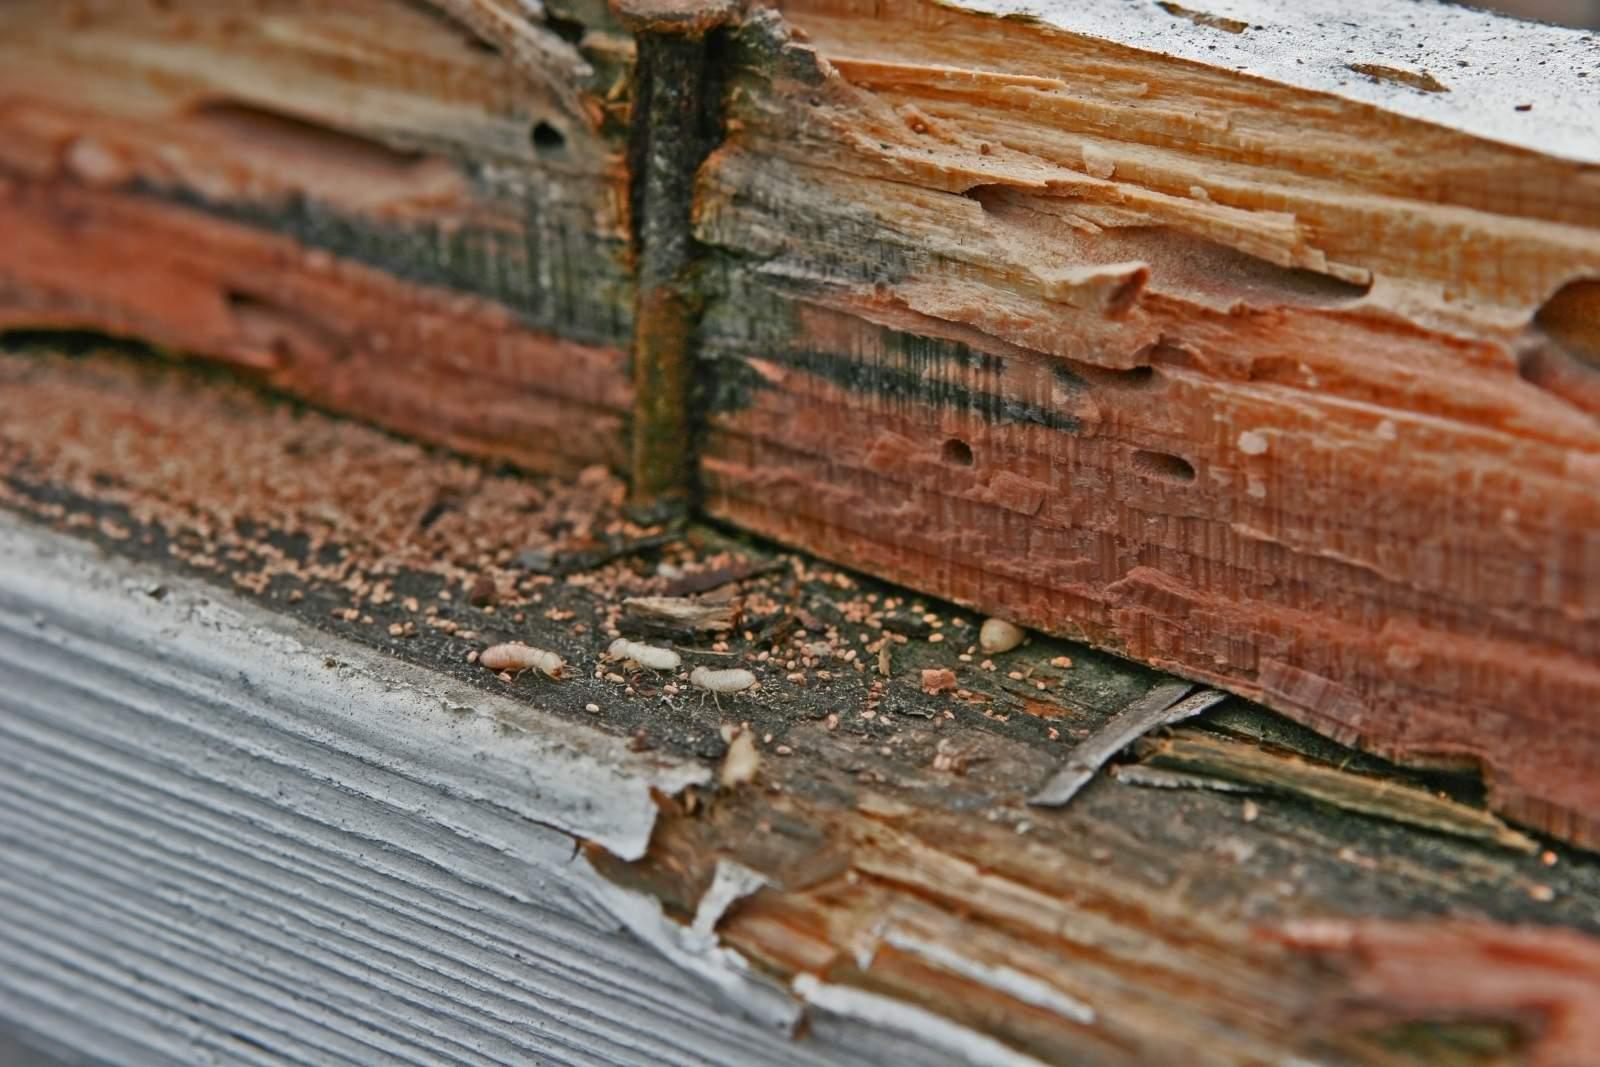 Самые эффективные средства борьбы с термитами: лучшие химикаты и ловушки